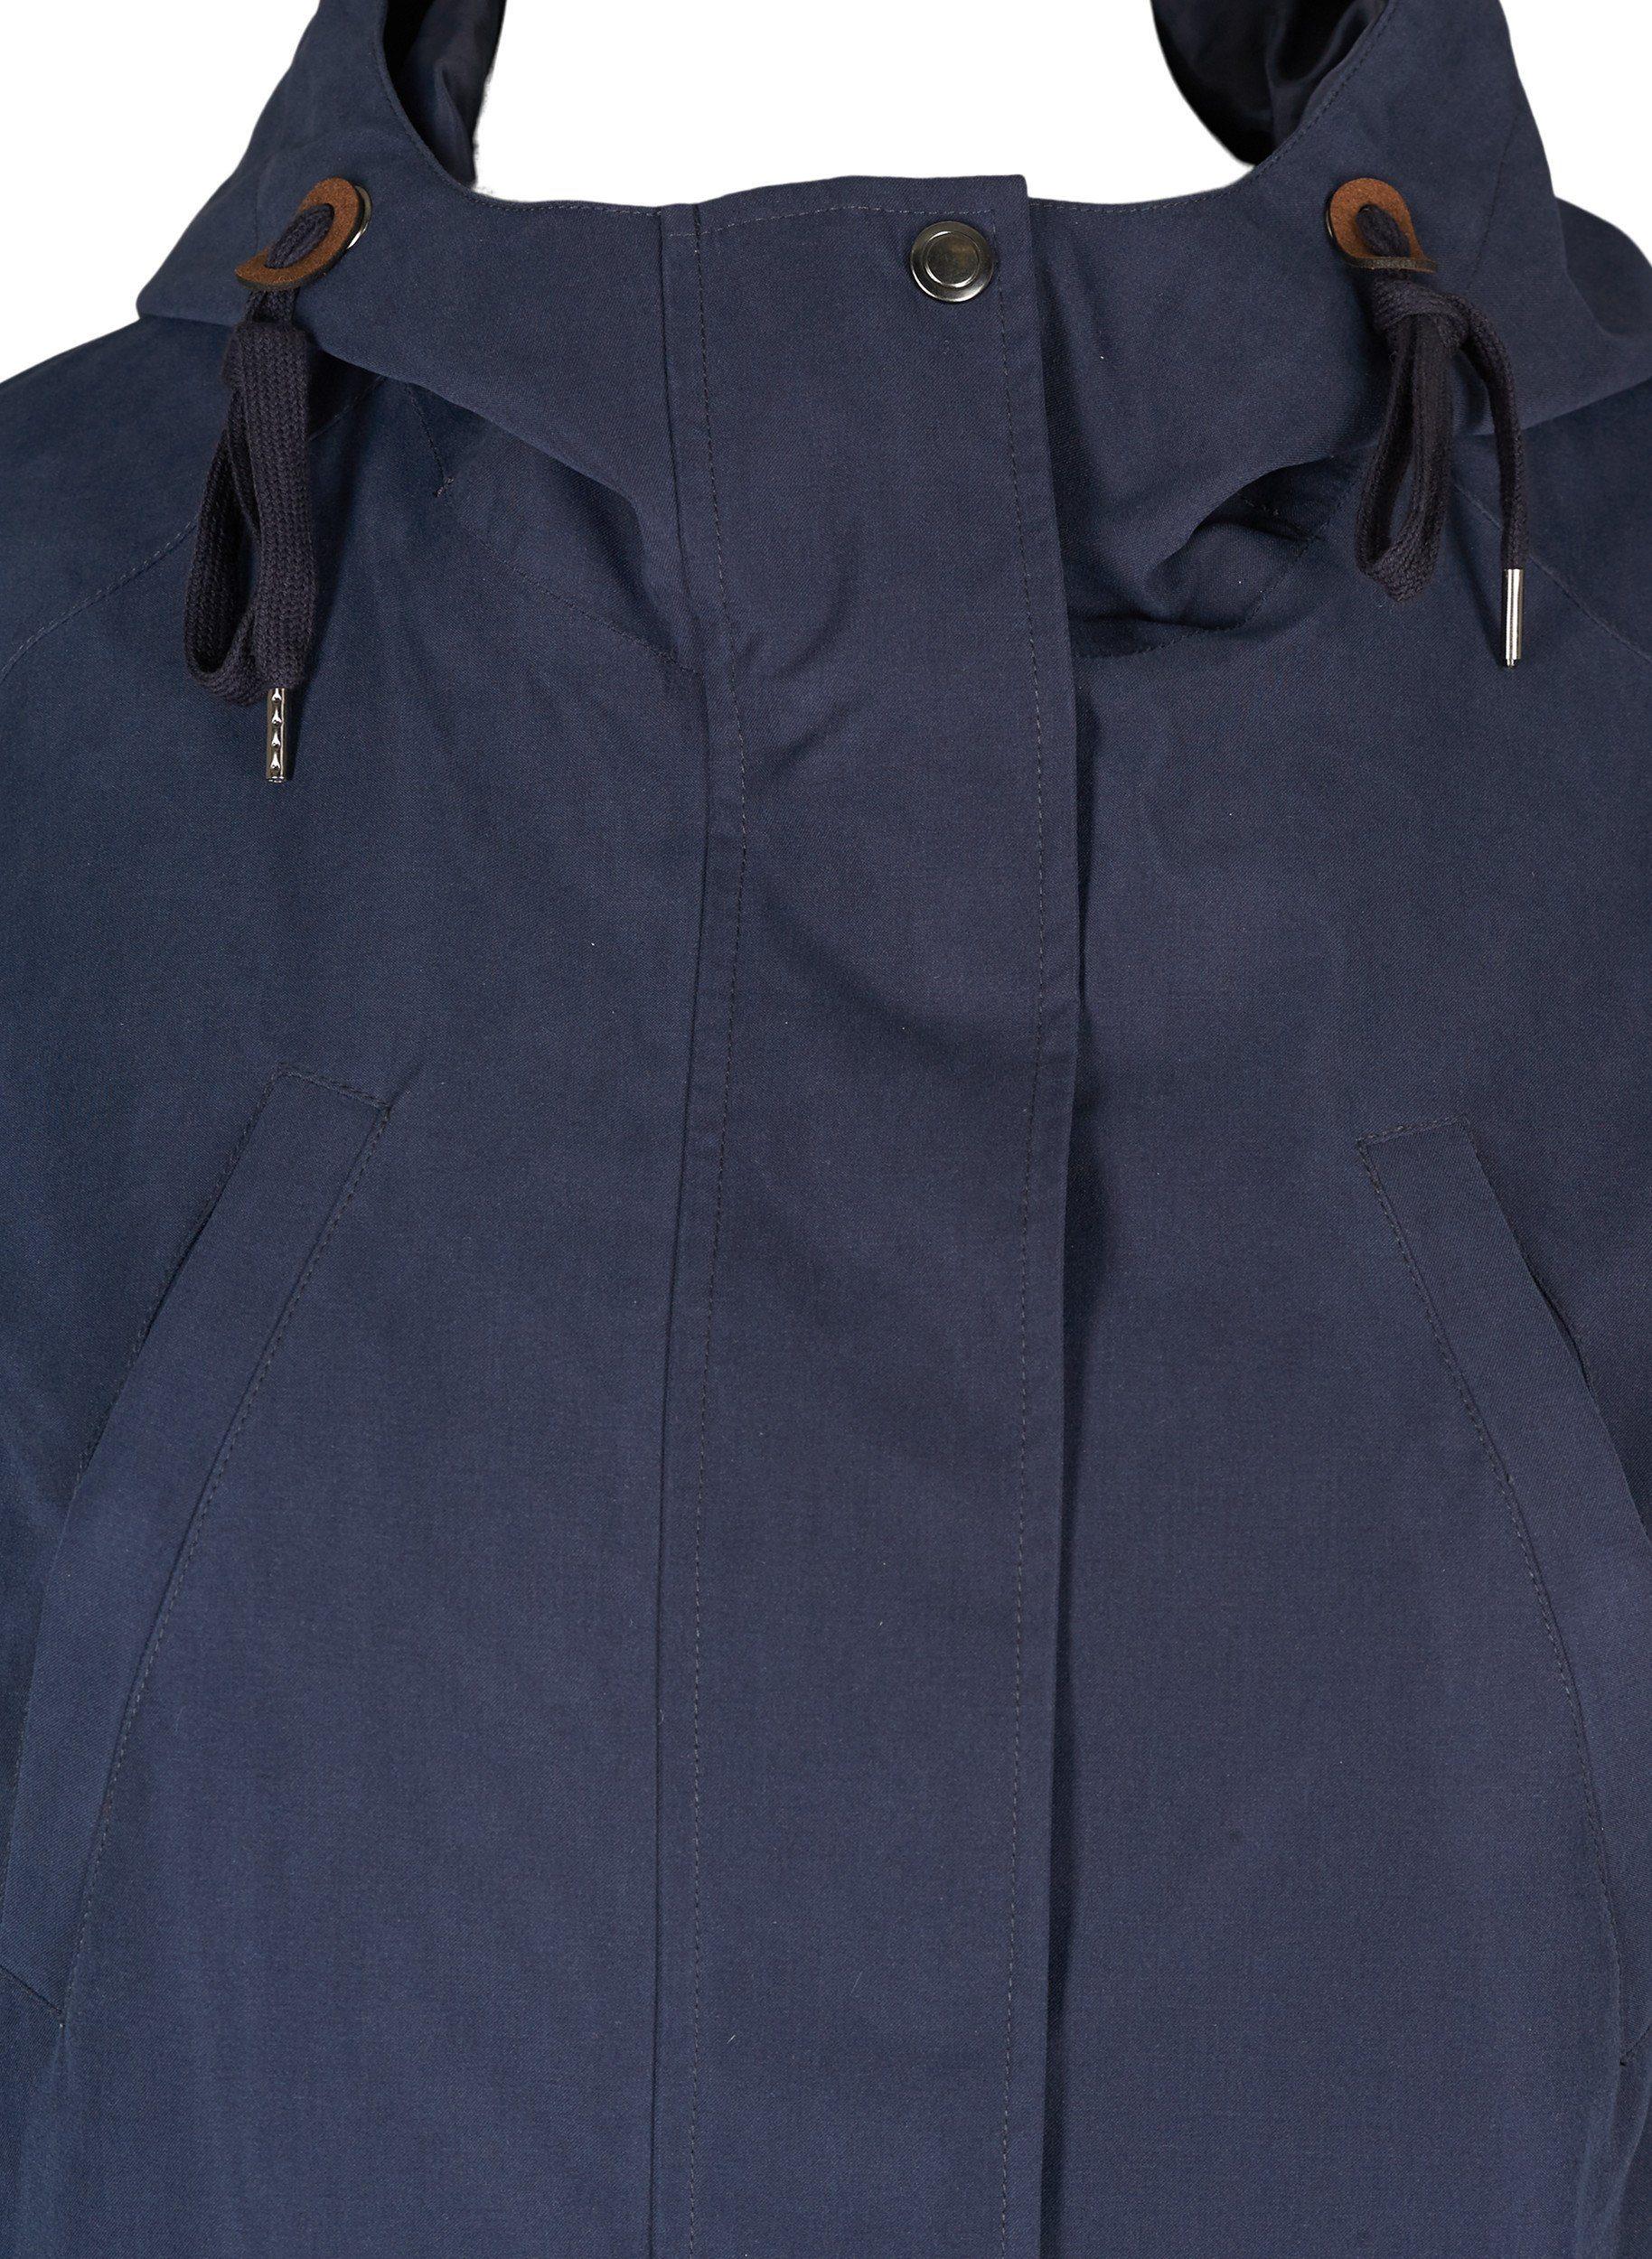 Zizzi Funktionsparka Große Größen Damen Atmungsaktive Wasserdichte Jacke Mit Kapuze Online Kaufen